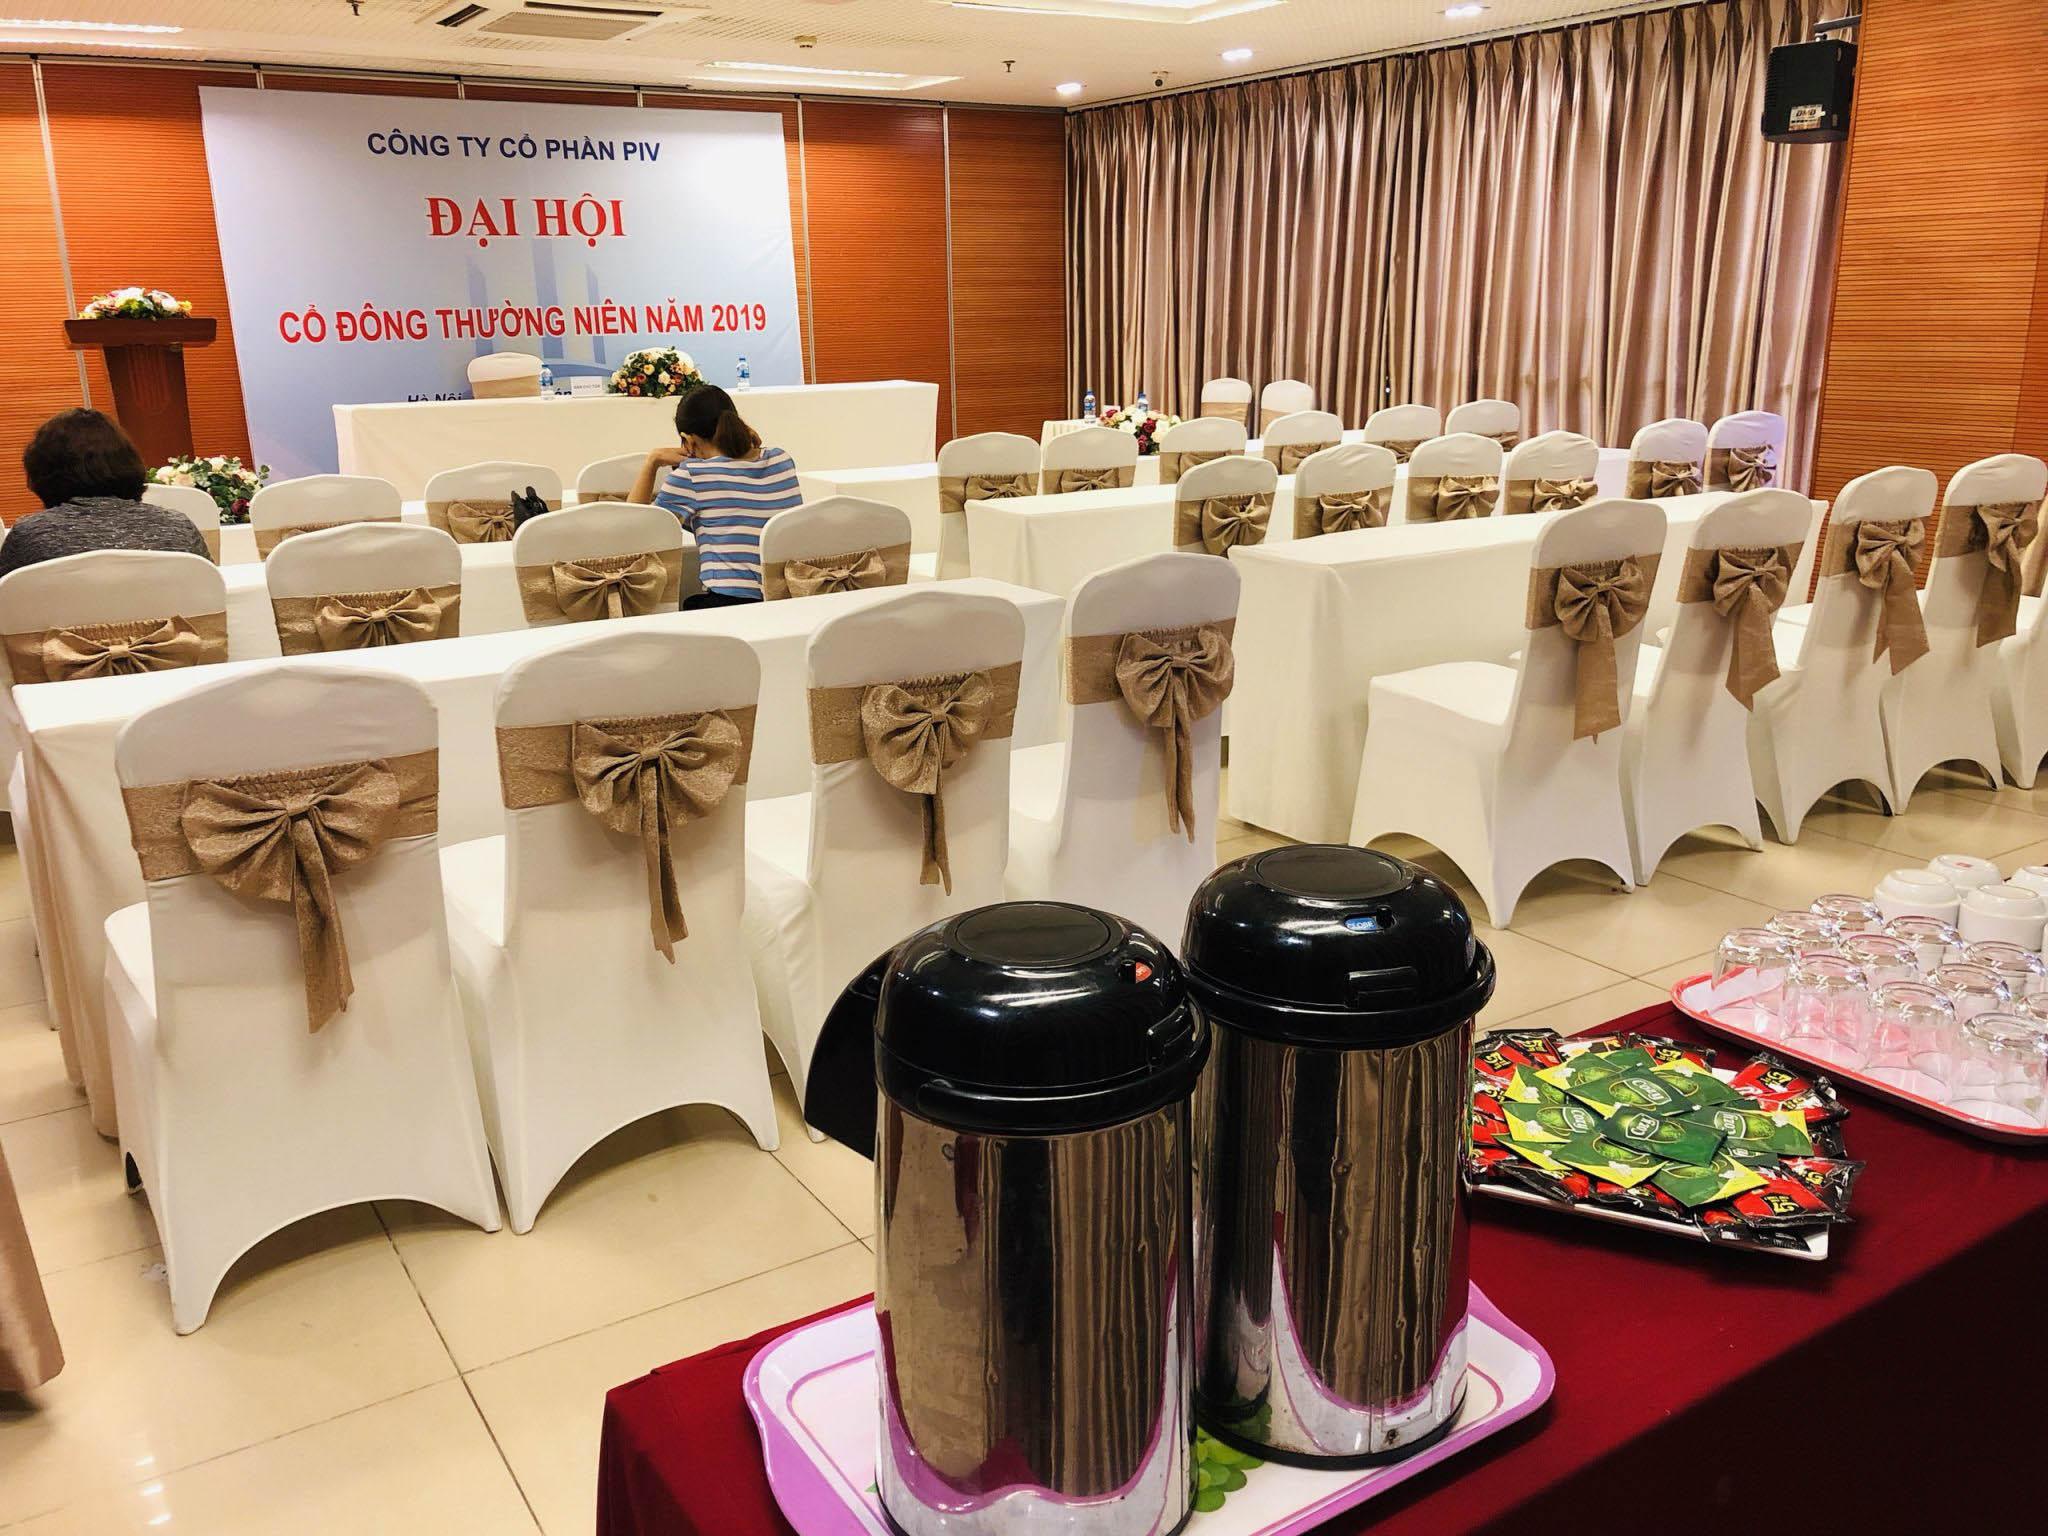 cho thuê phòng hội nghị tại Hà Nội